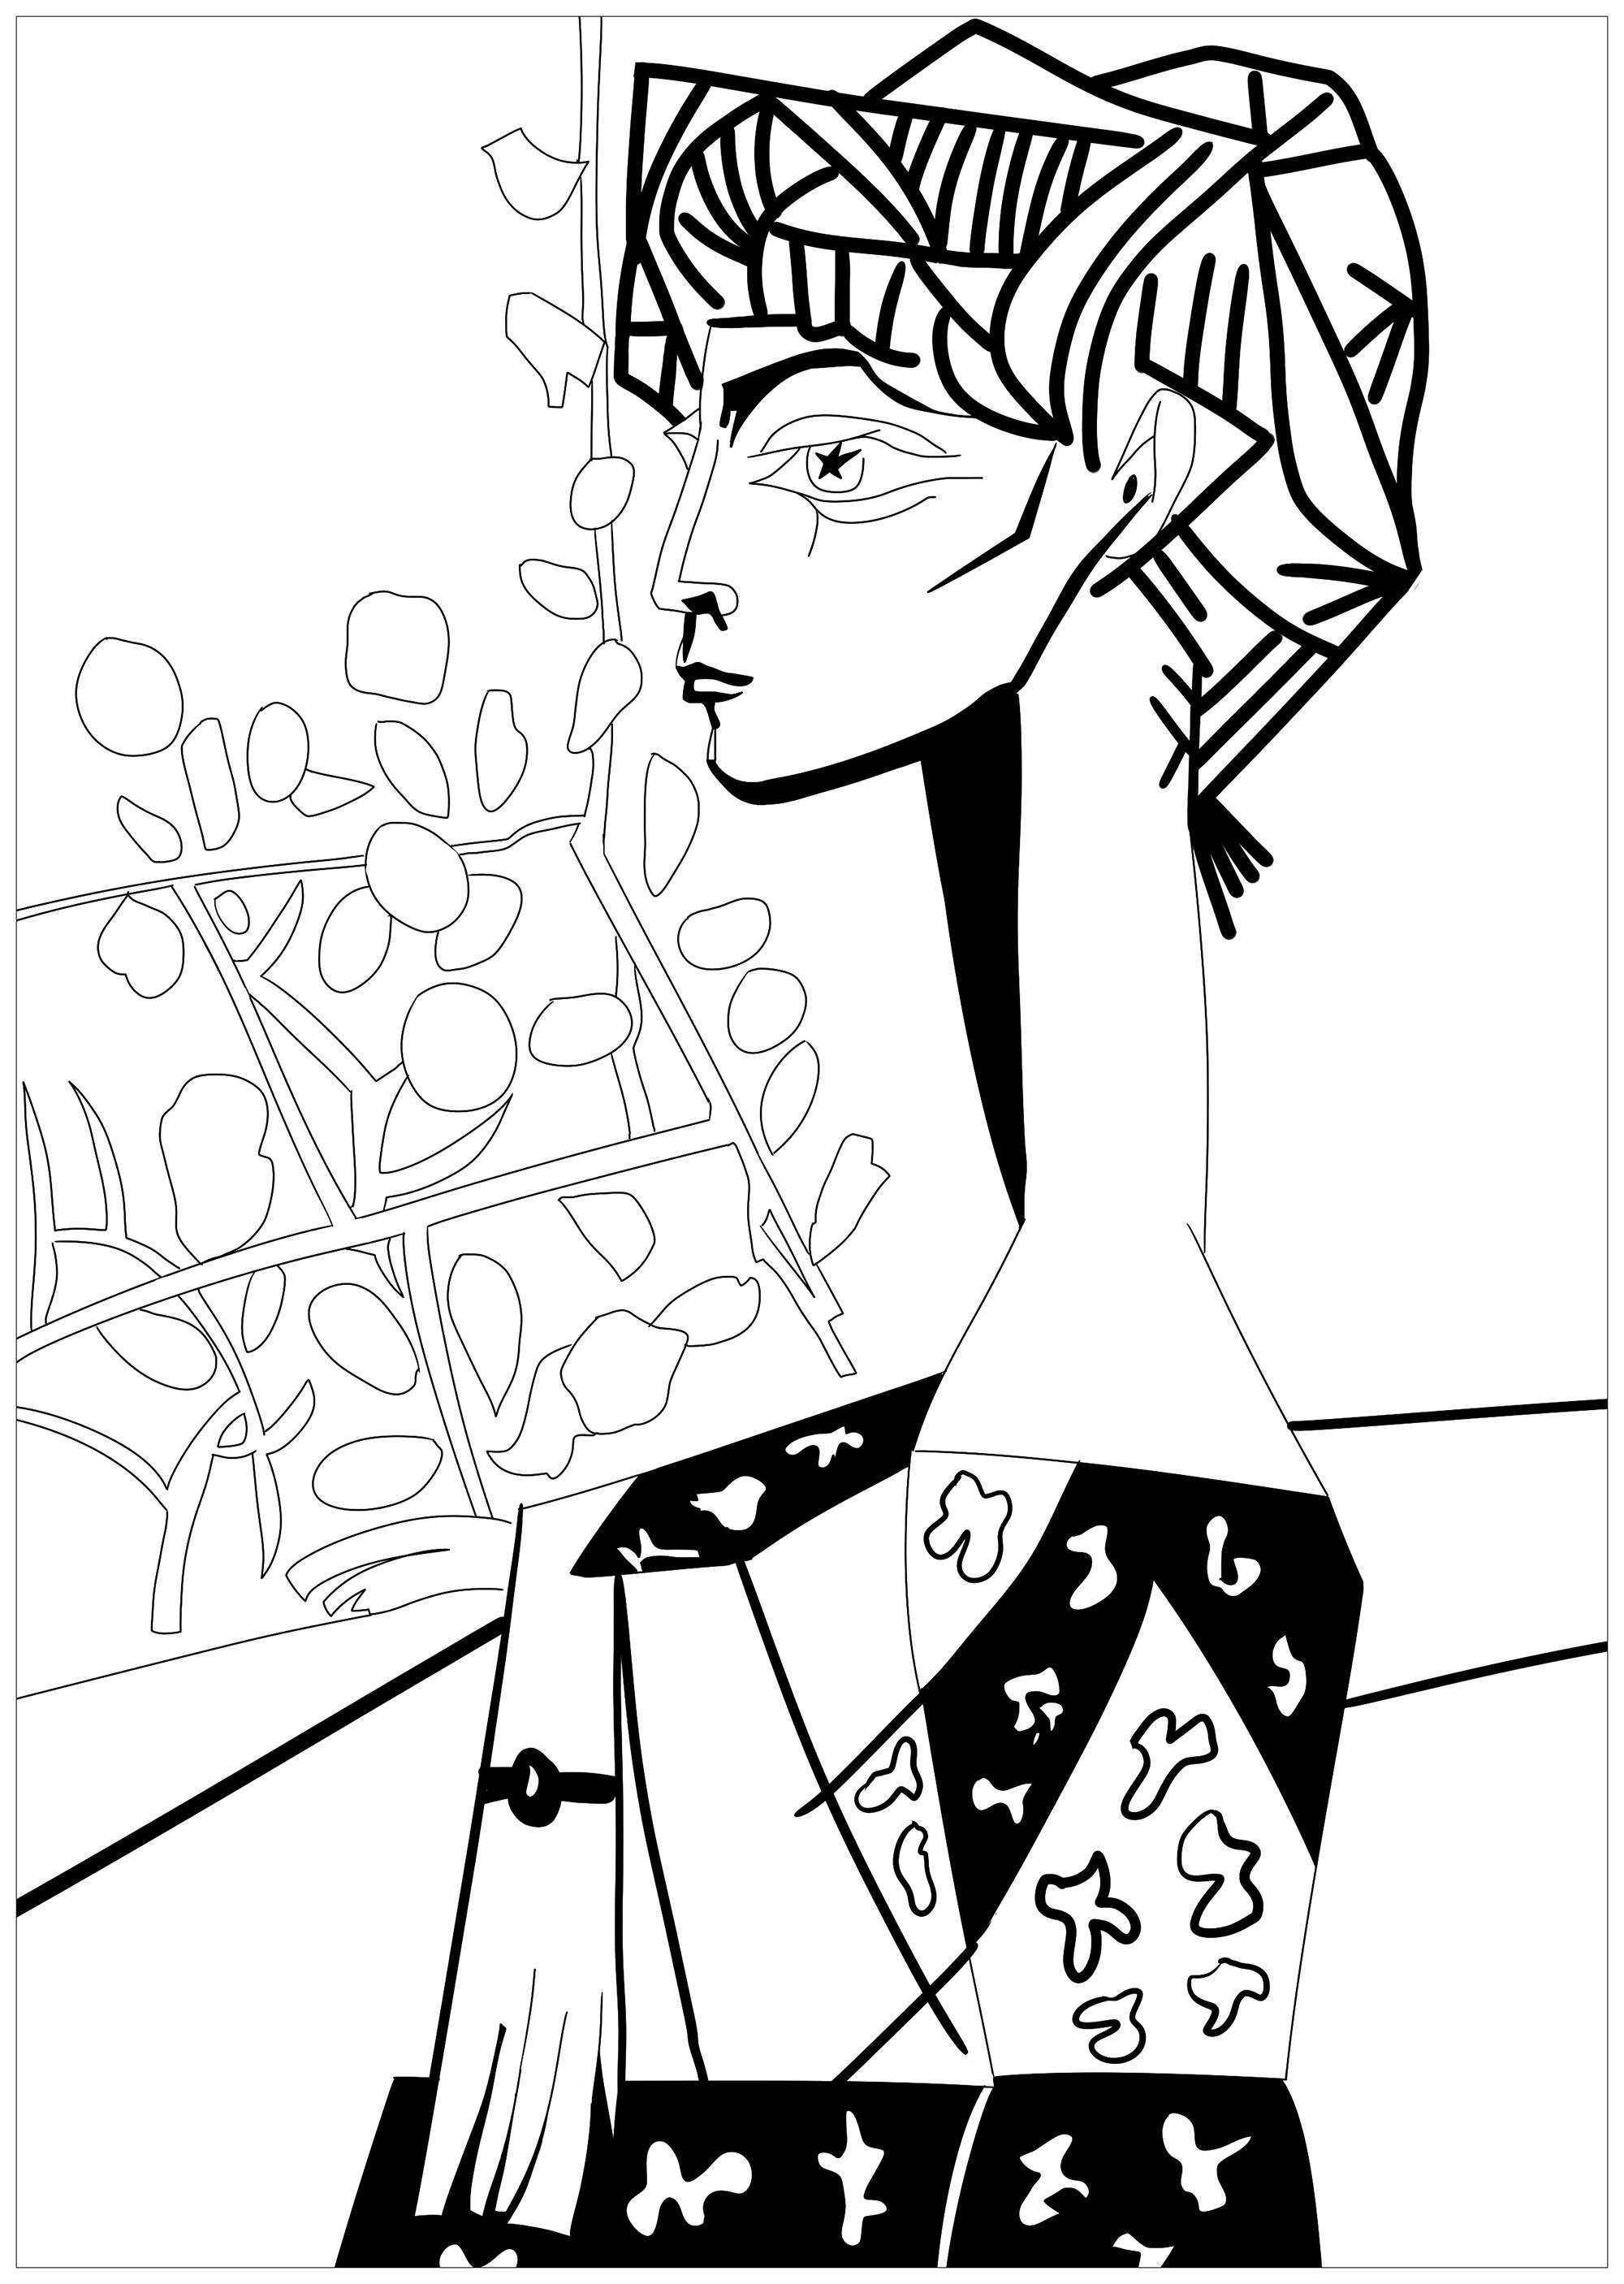 Dessin de Picasso gratuit à imprimer et colorier ...